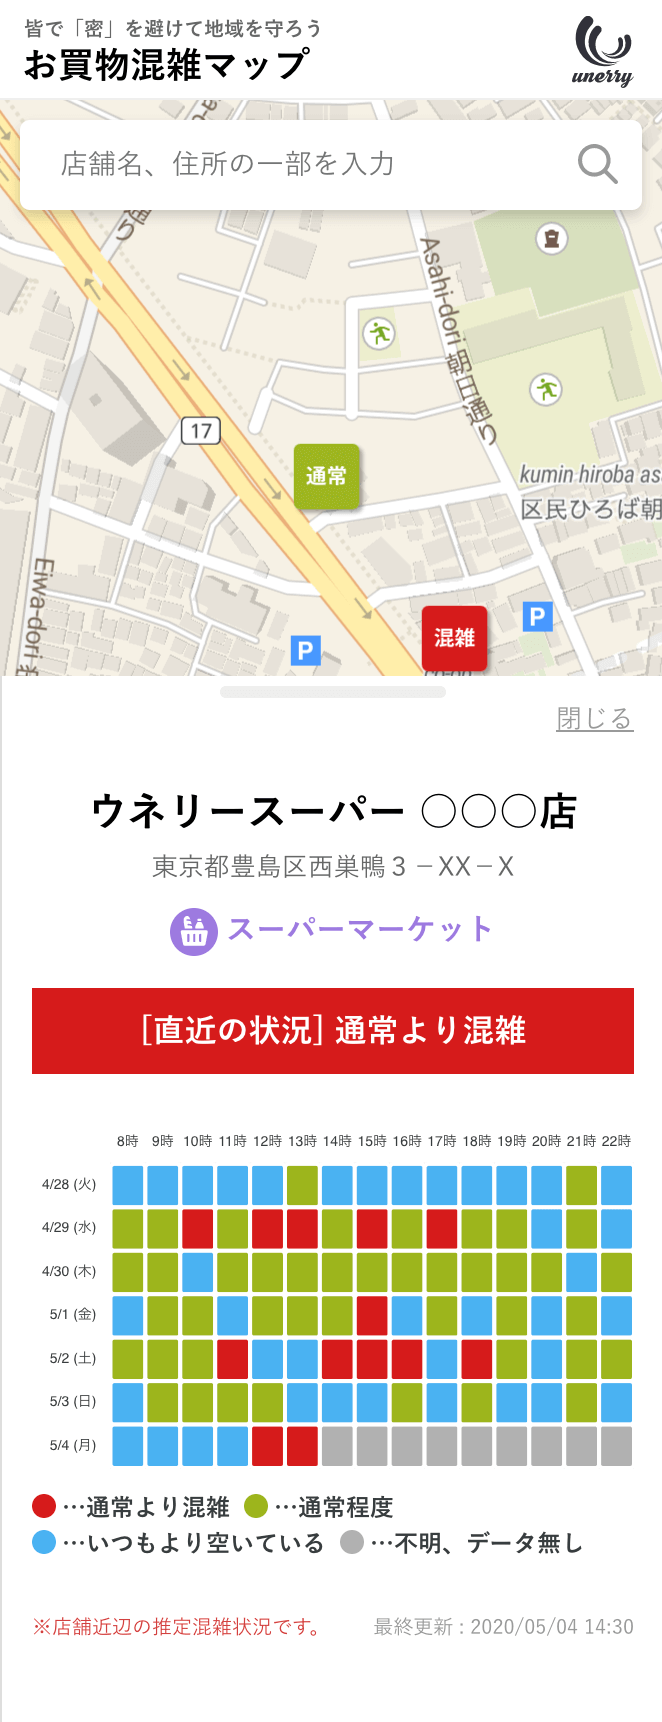 お買物混雑マップ(スマートフォン版)